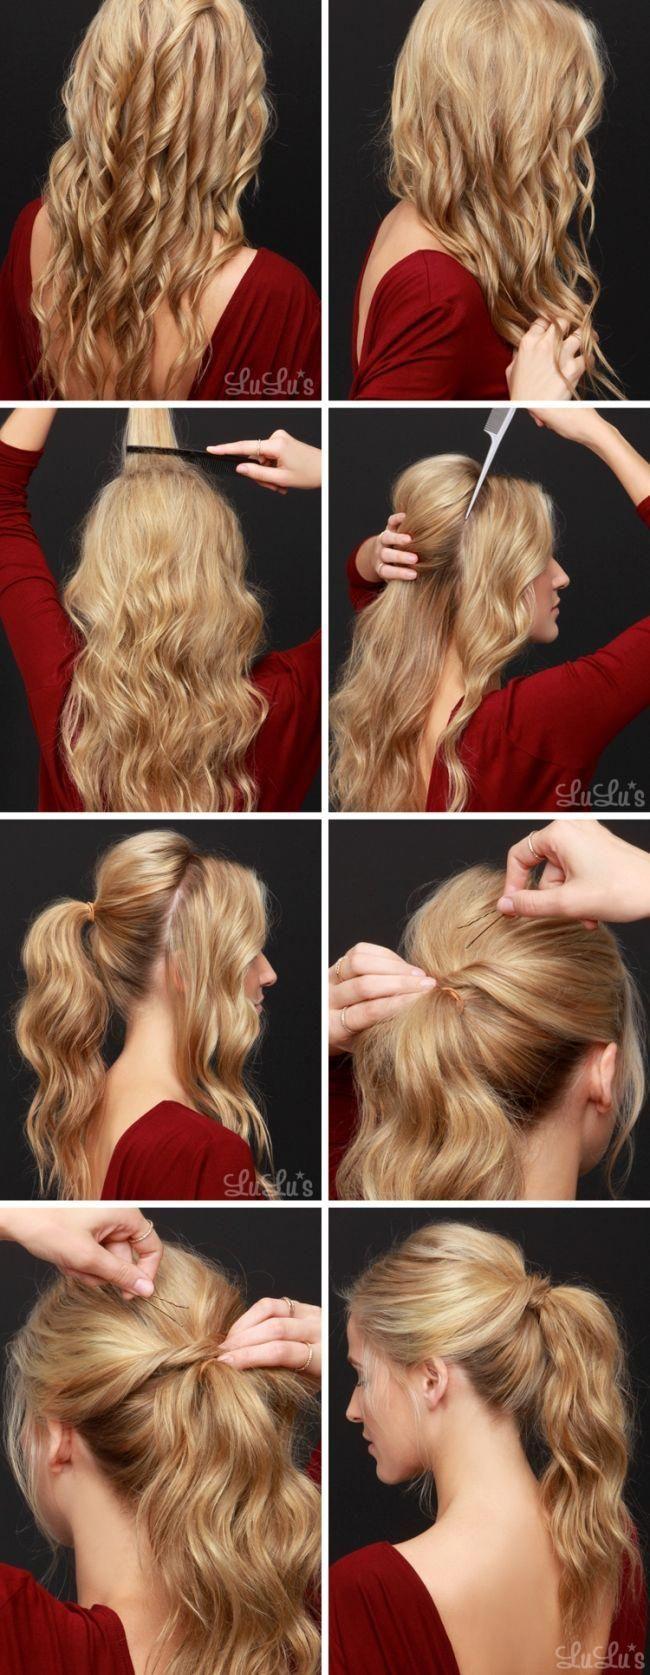 step by step easy hairstyles stepbystepeasyhairstyles ...